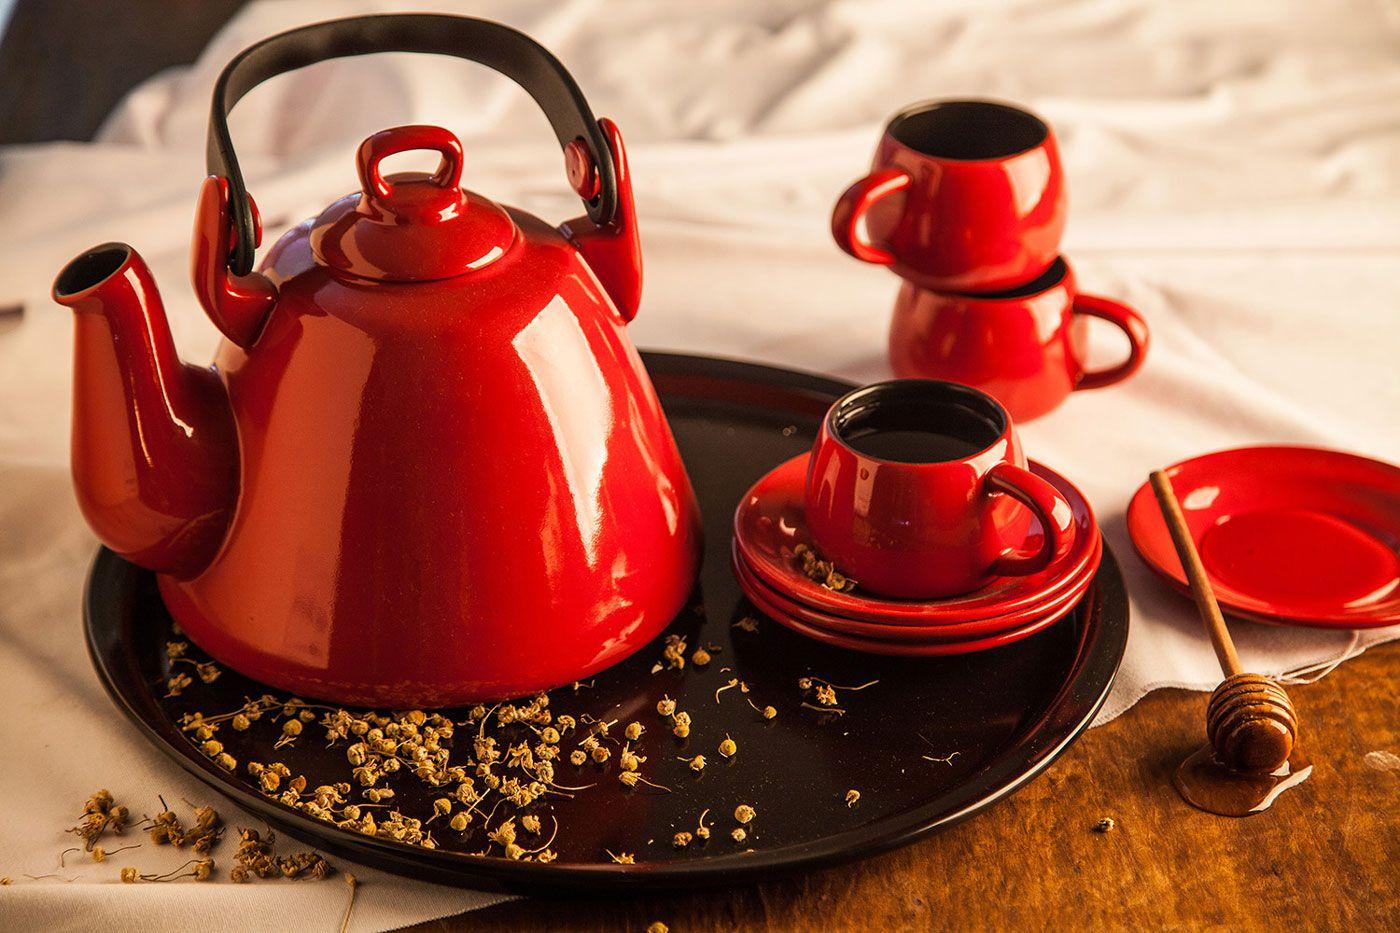 Xícara e Pires Tropeiro 150 ml - Vermelho - Ceraflame  - Lojão de Ofertas